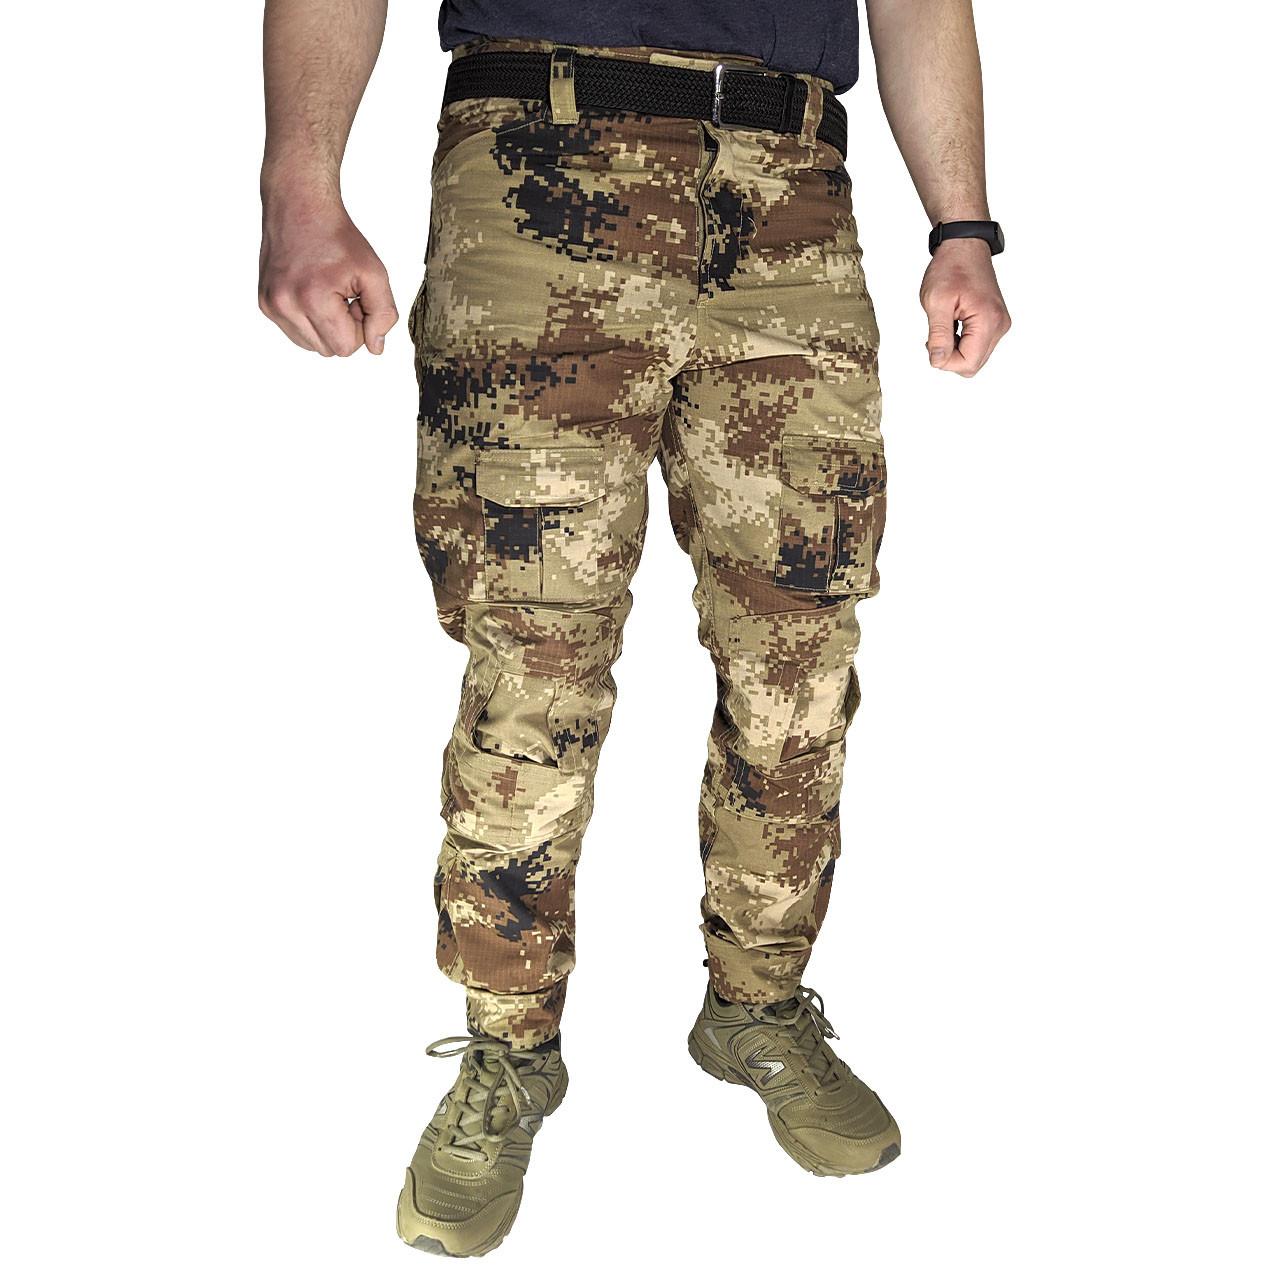 Тактические штаны Lesko B603 Pixel Desert 40 размер брюки мужские милитари камуфляжные с карманами